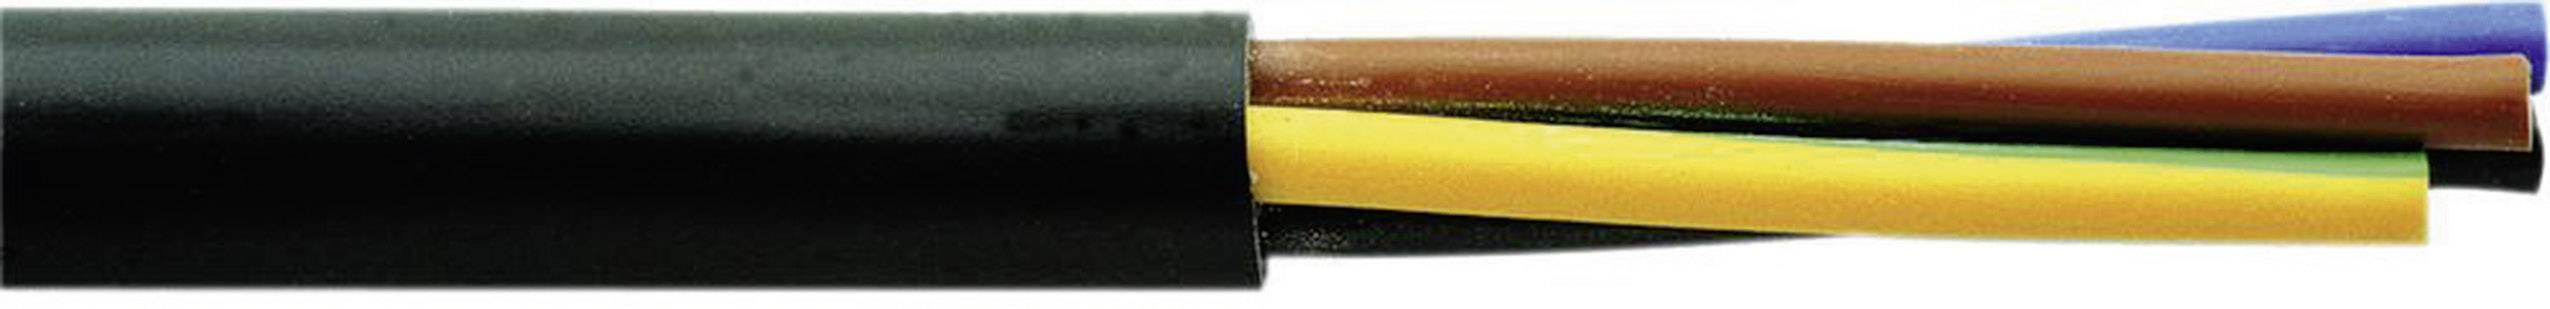 Vícežílový kabel Faber Kabel H05RR-F, 050028, 4 G 1.50 mm², černá, metrové zboží